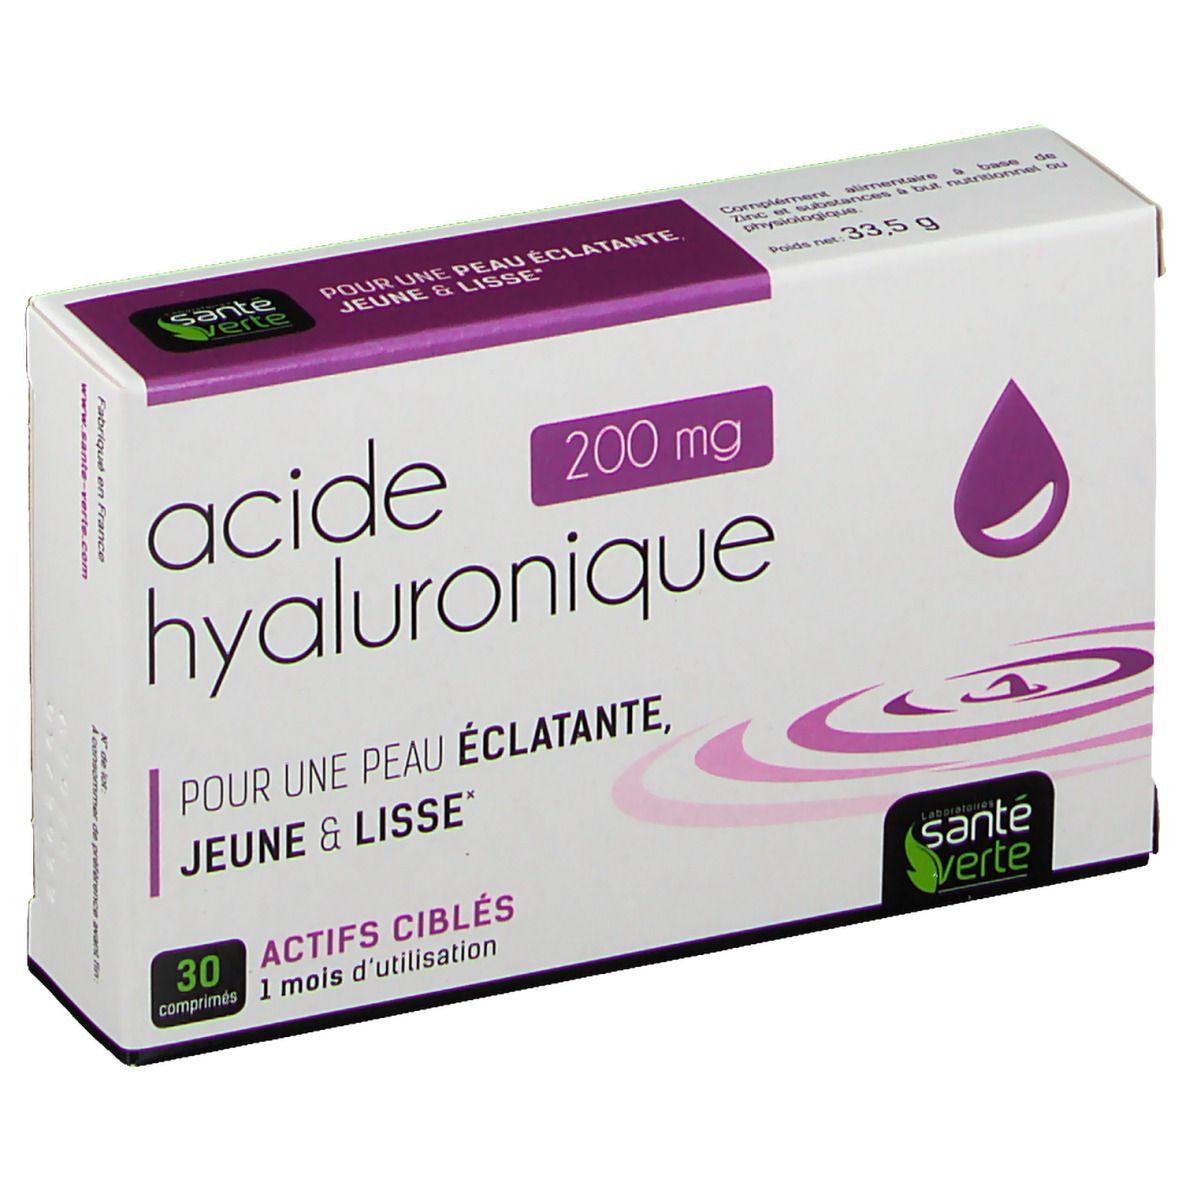 Santé Verte Acide Hyaluronique 200 mg pc(s) comprimé(s)